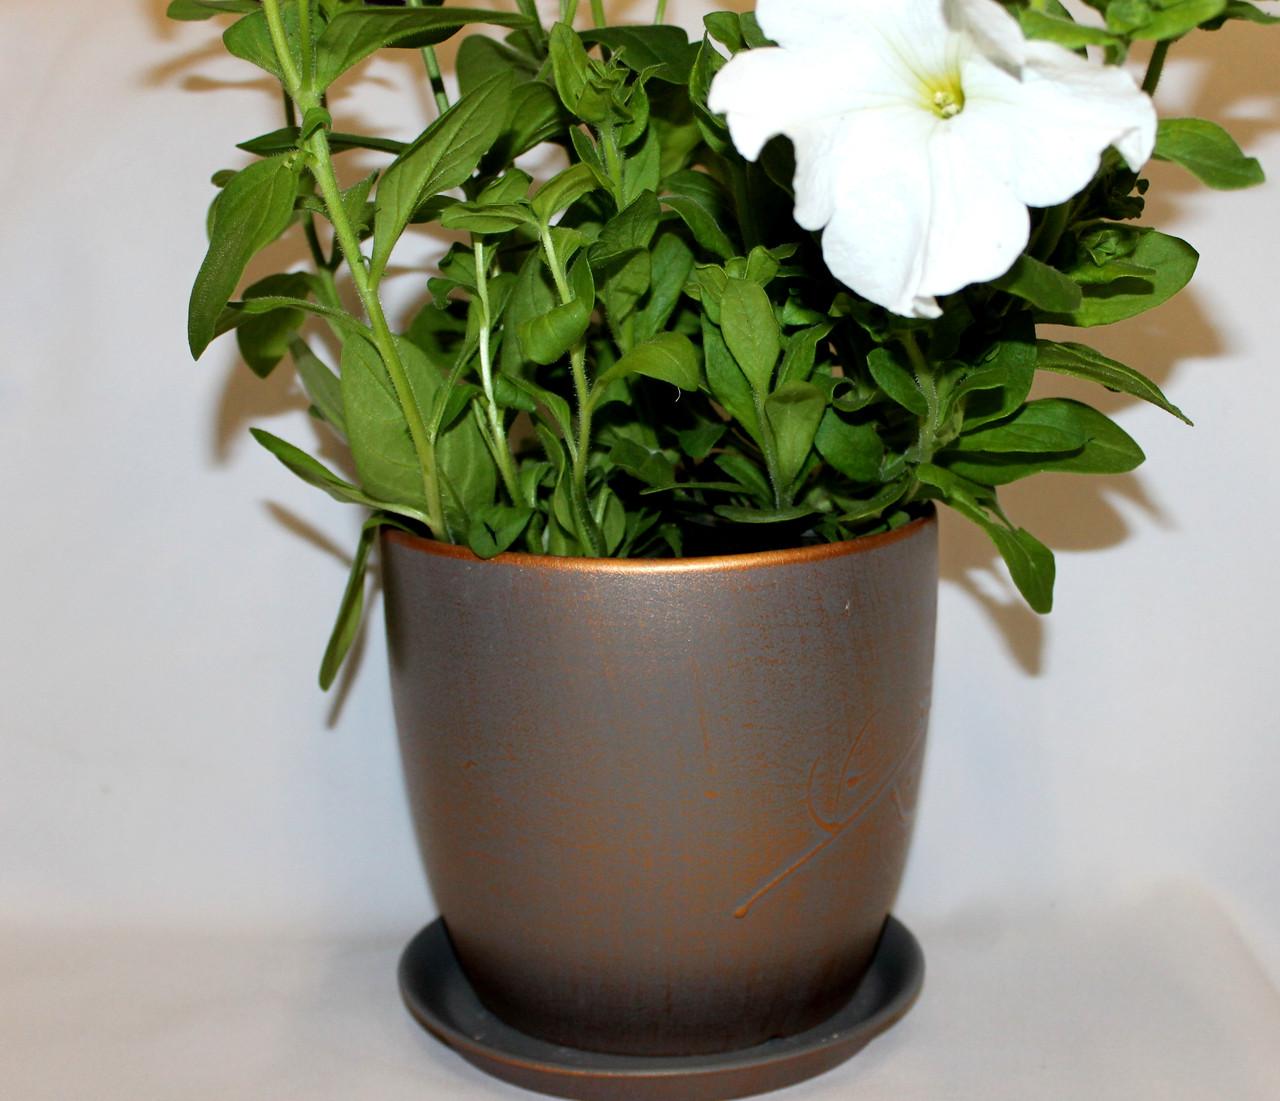 Цветы купить цены оптом днепр, оригинальные новогодние букеты из елок или веточек елки